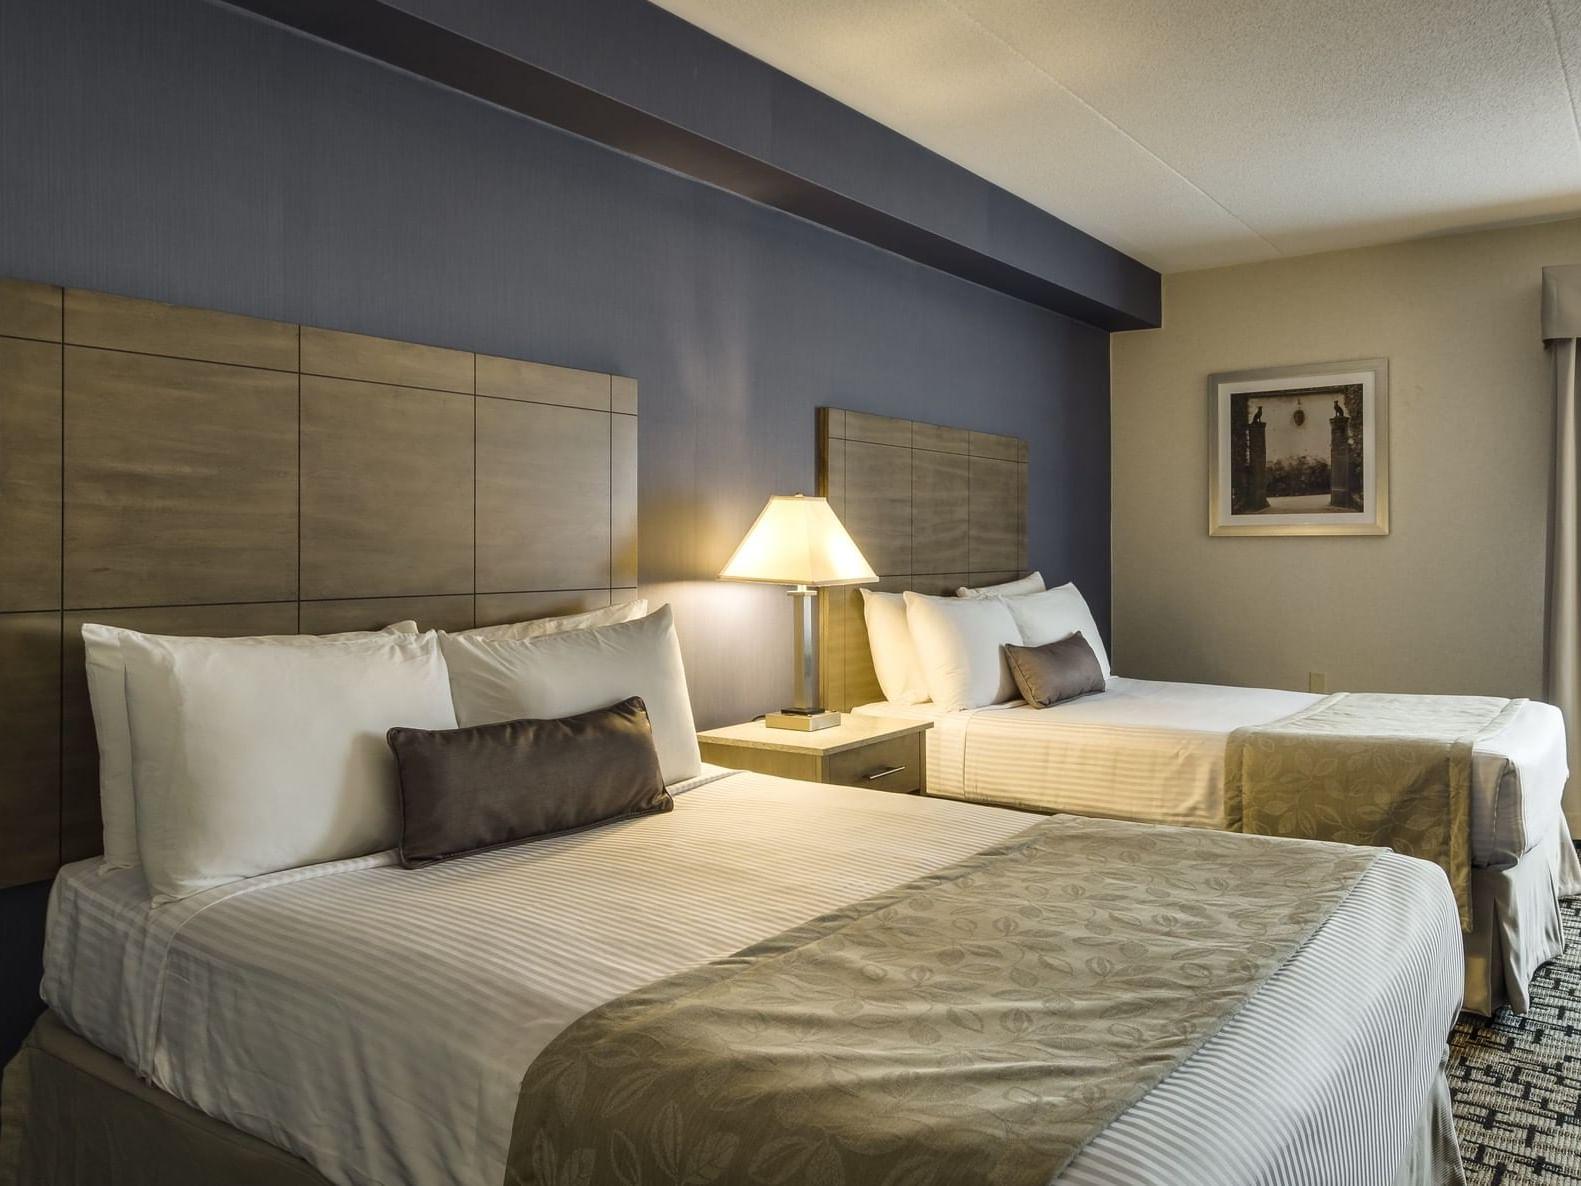 Two Queen Beds - Monte Carlo Inns Oakville Suites